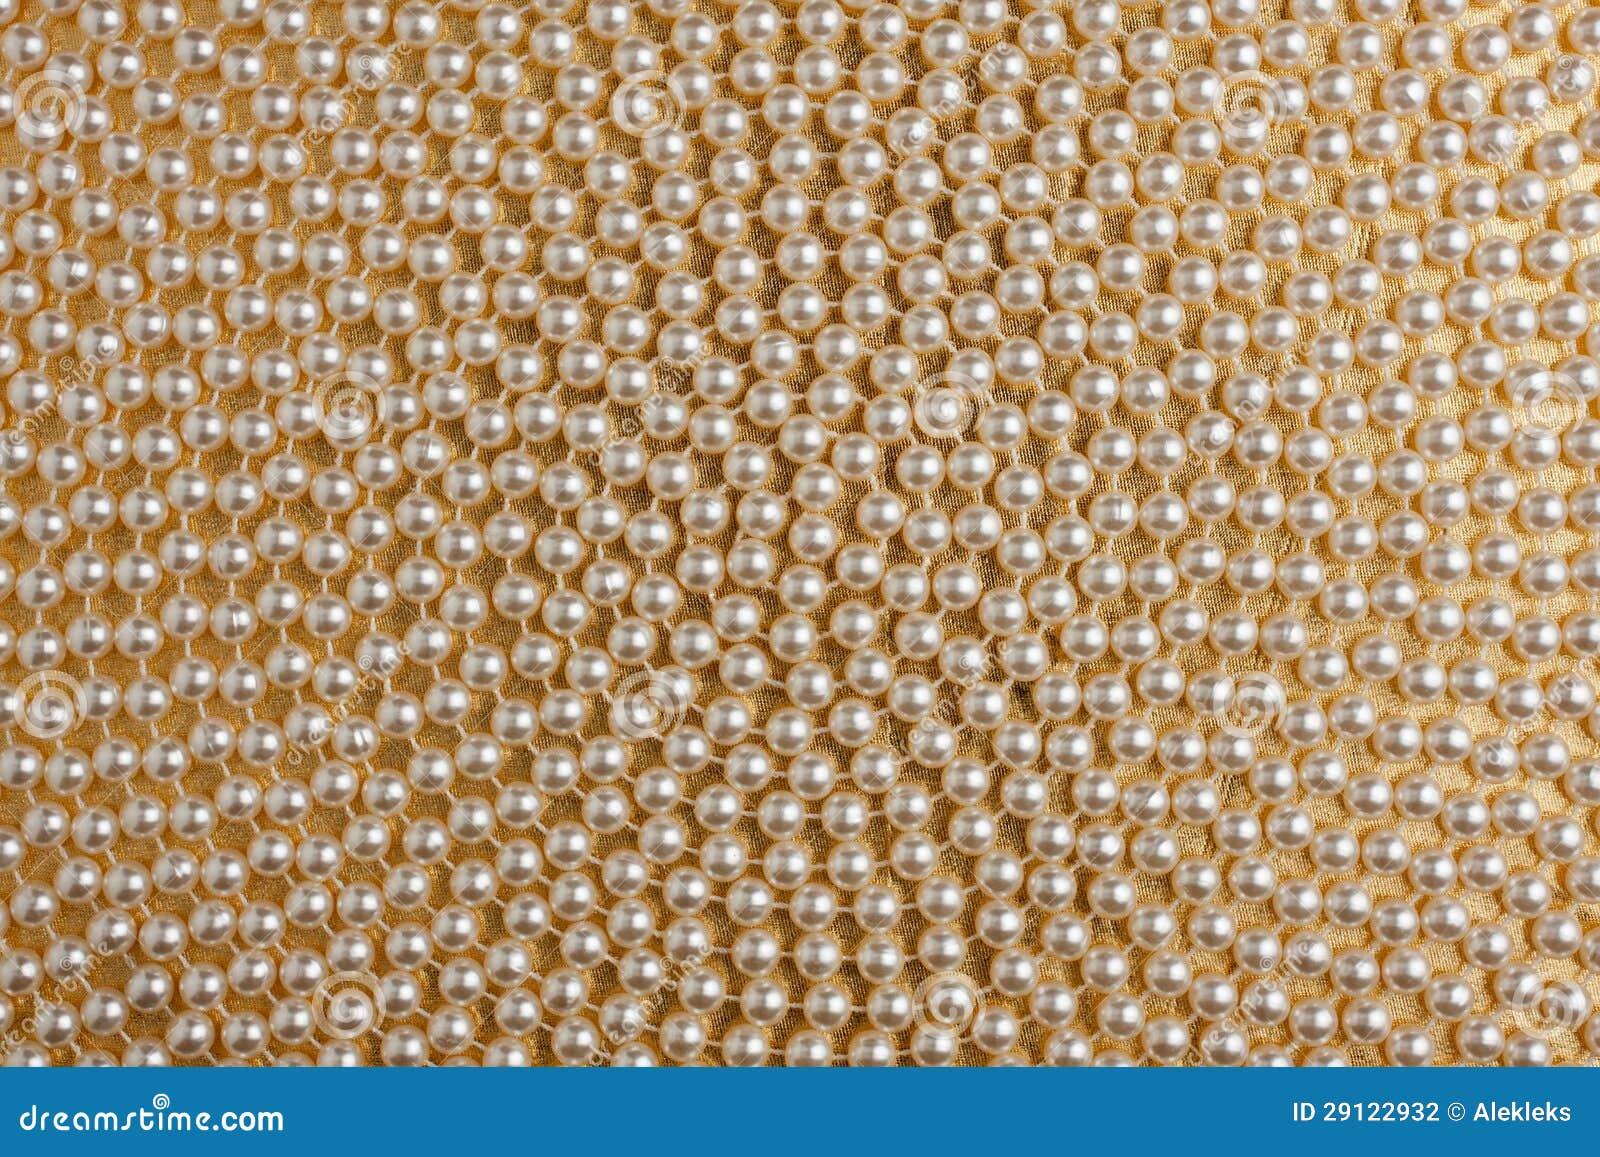 Spirale der weißen Perlen